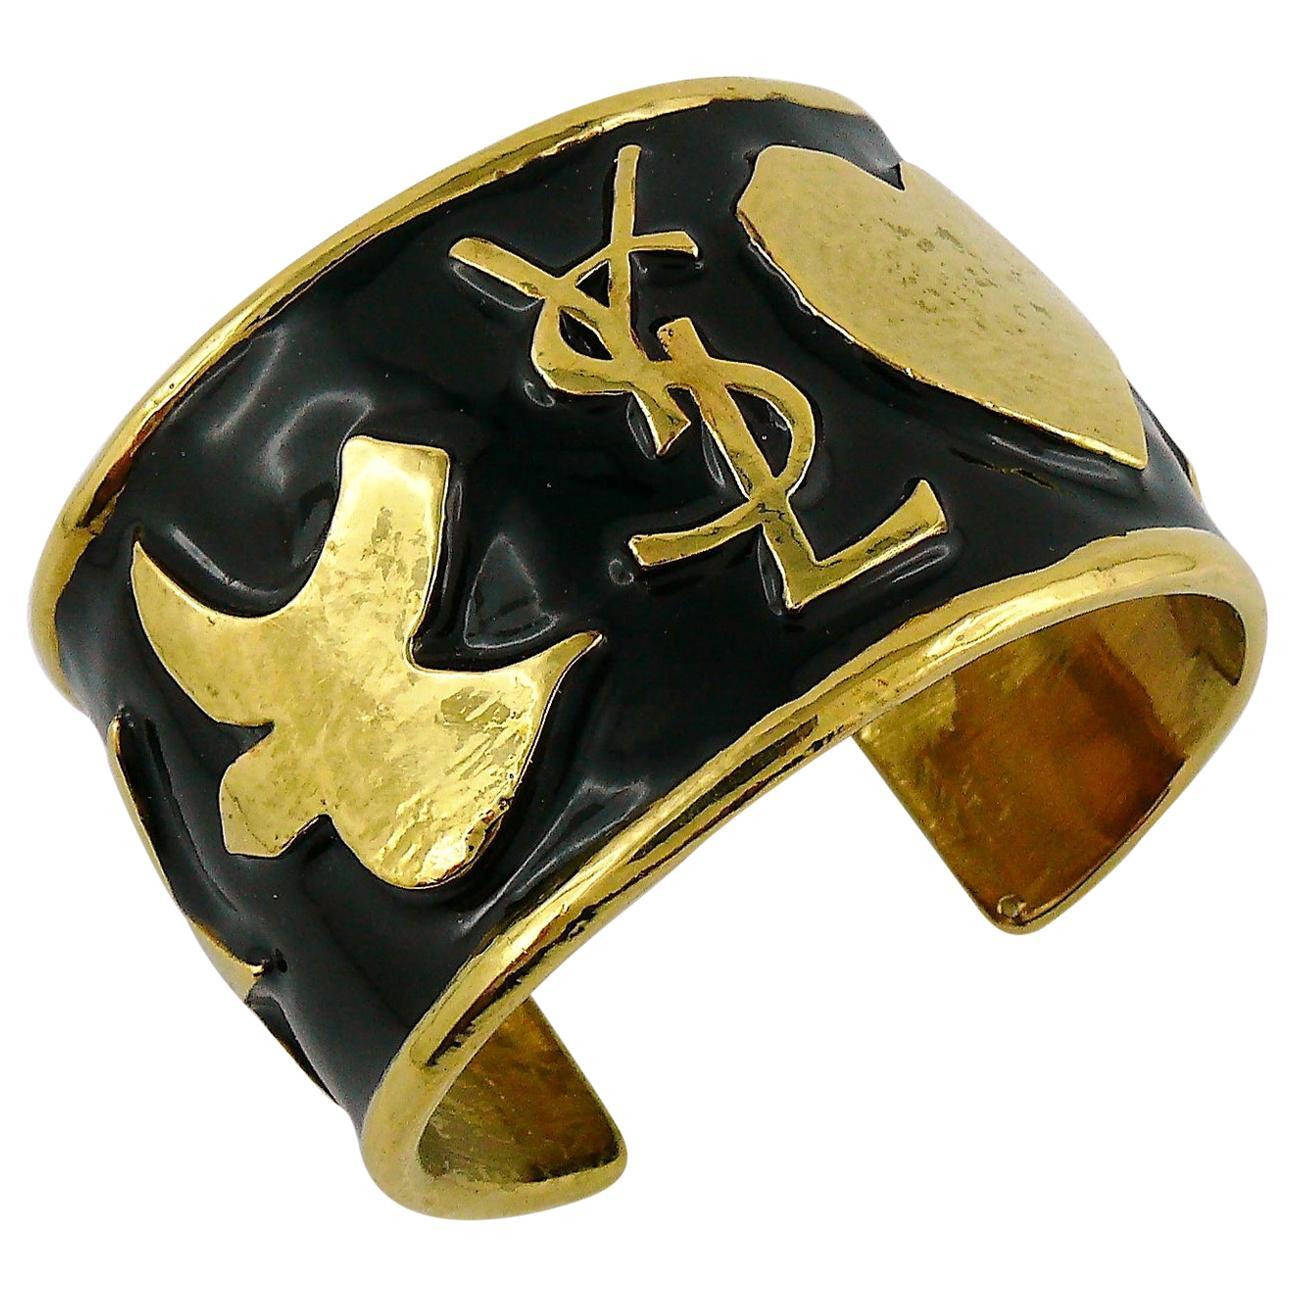 5200b42a5f6 Vintage Yves Saint Laurent Bracelets - 86 For Sale at 1stdibs